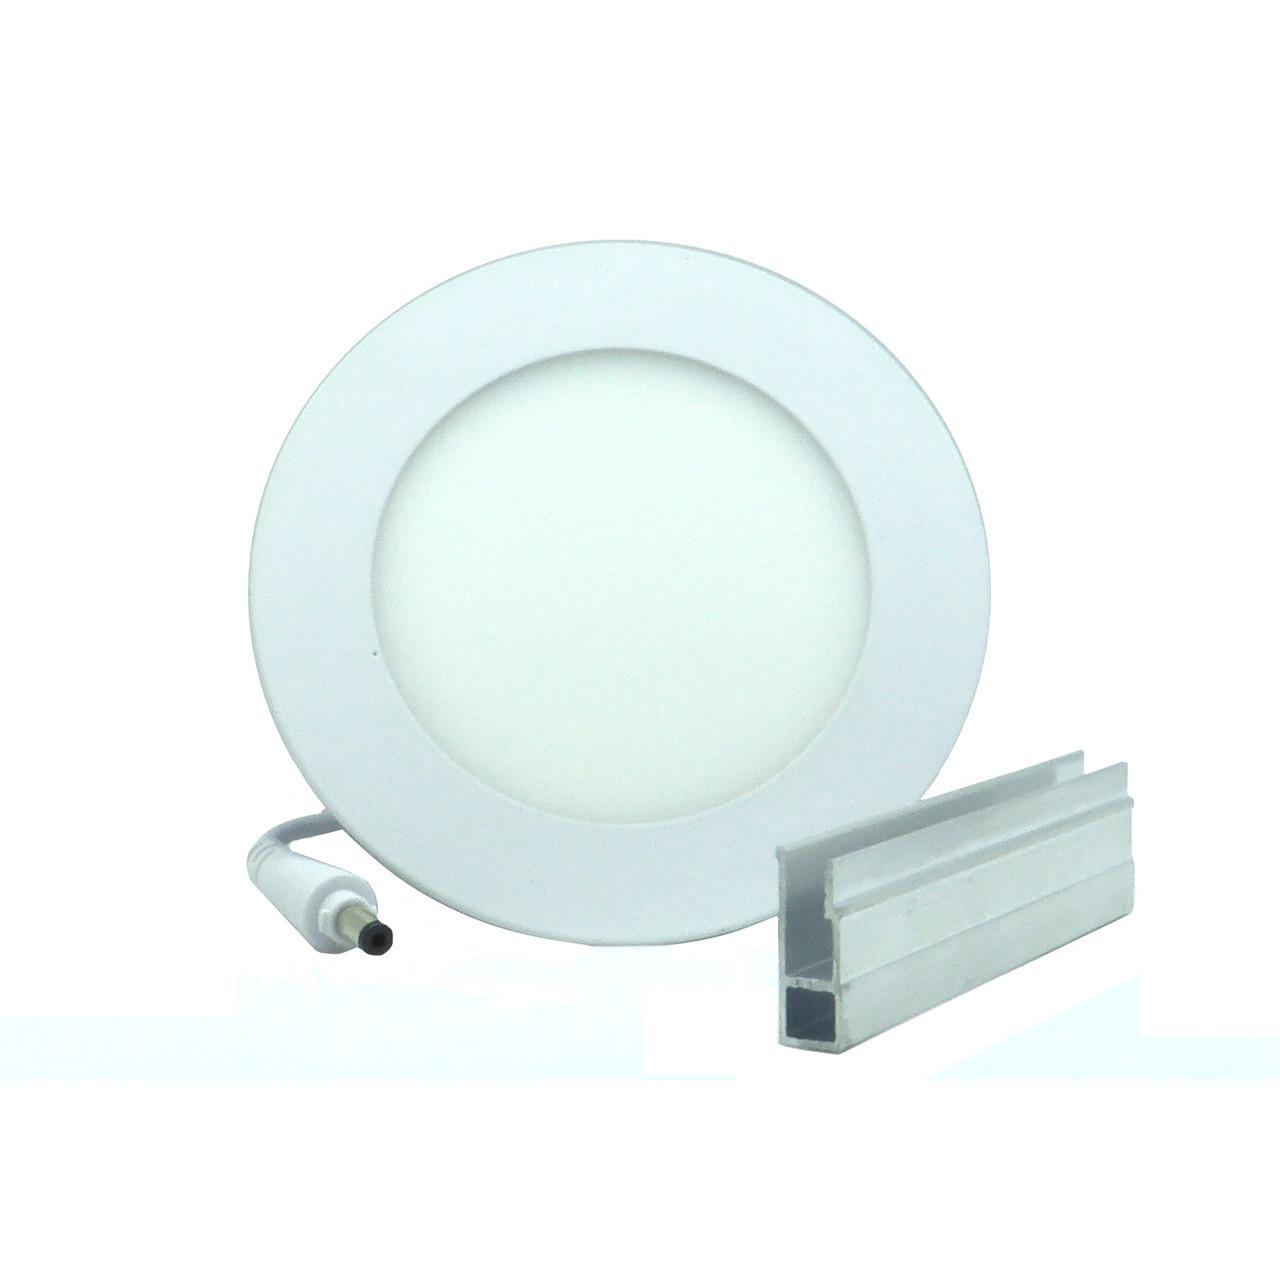 Світлодіодний світильник вбудований LED panel light 6 Вт